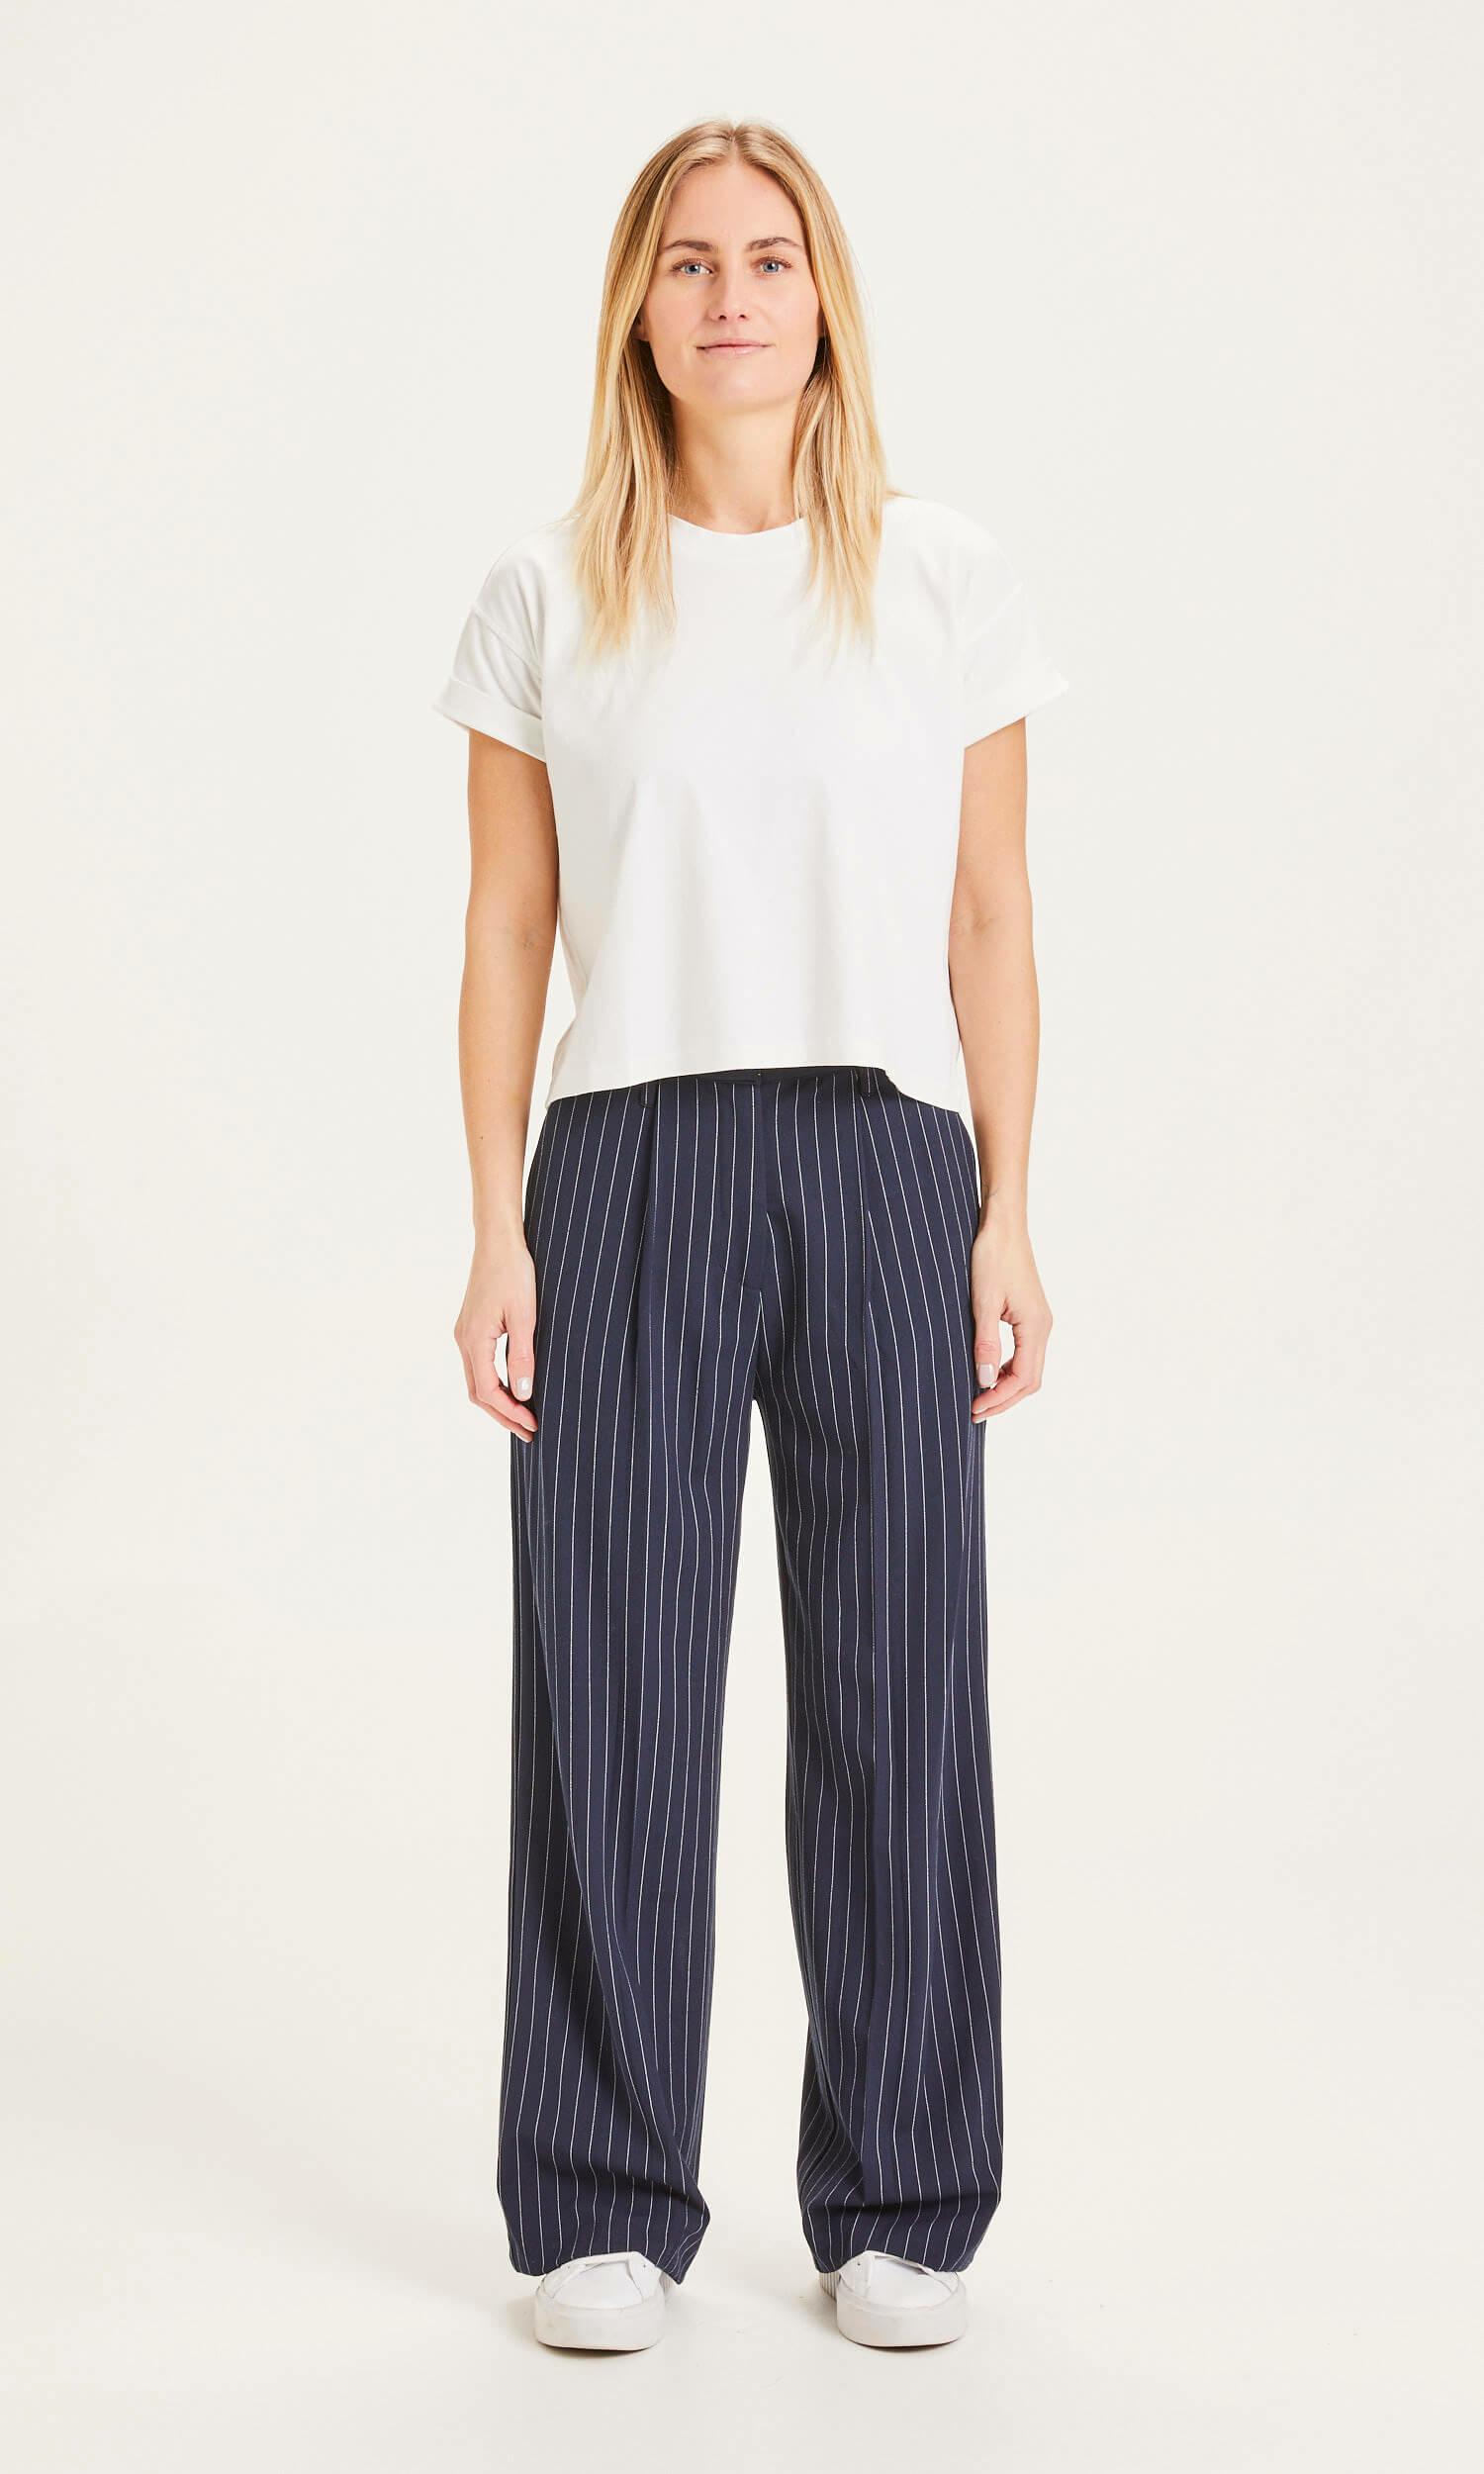 Pantalon Posey - Knowledge Cotton Apparel